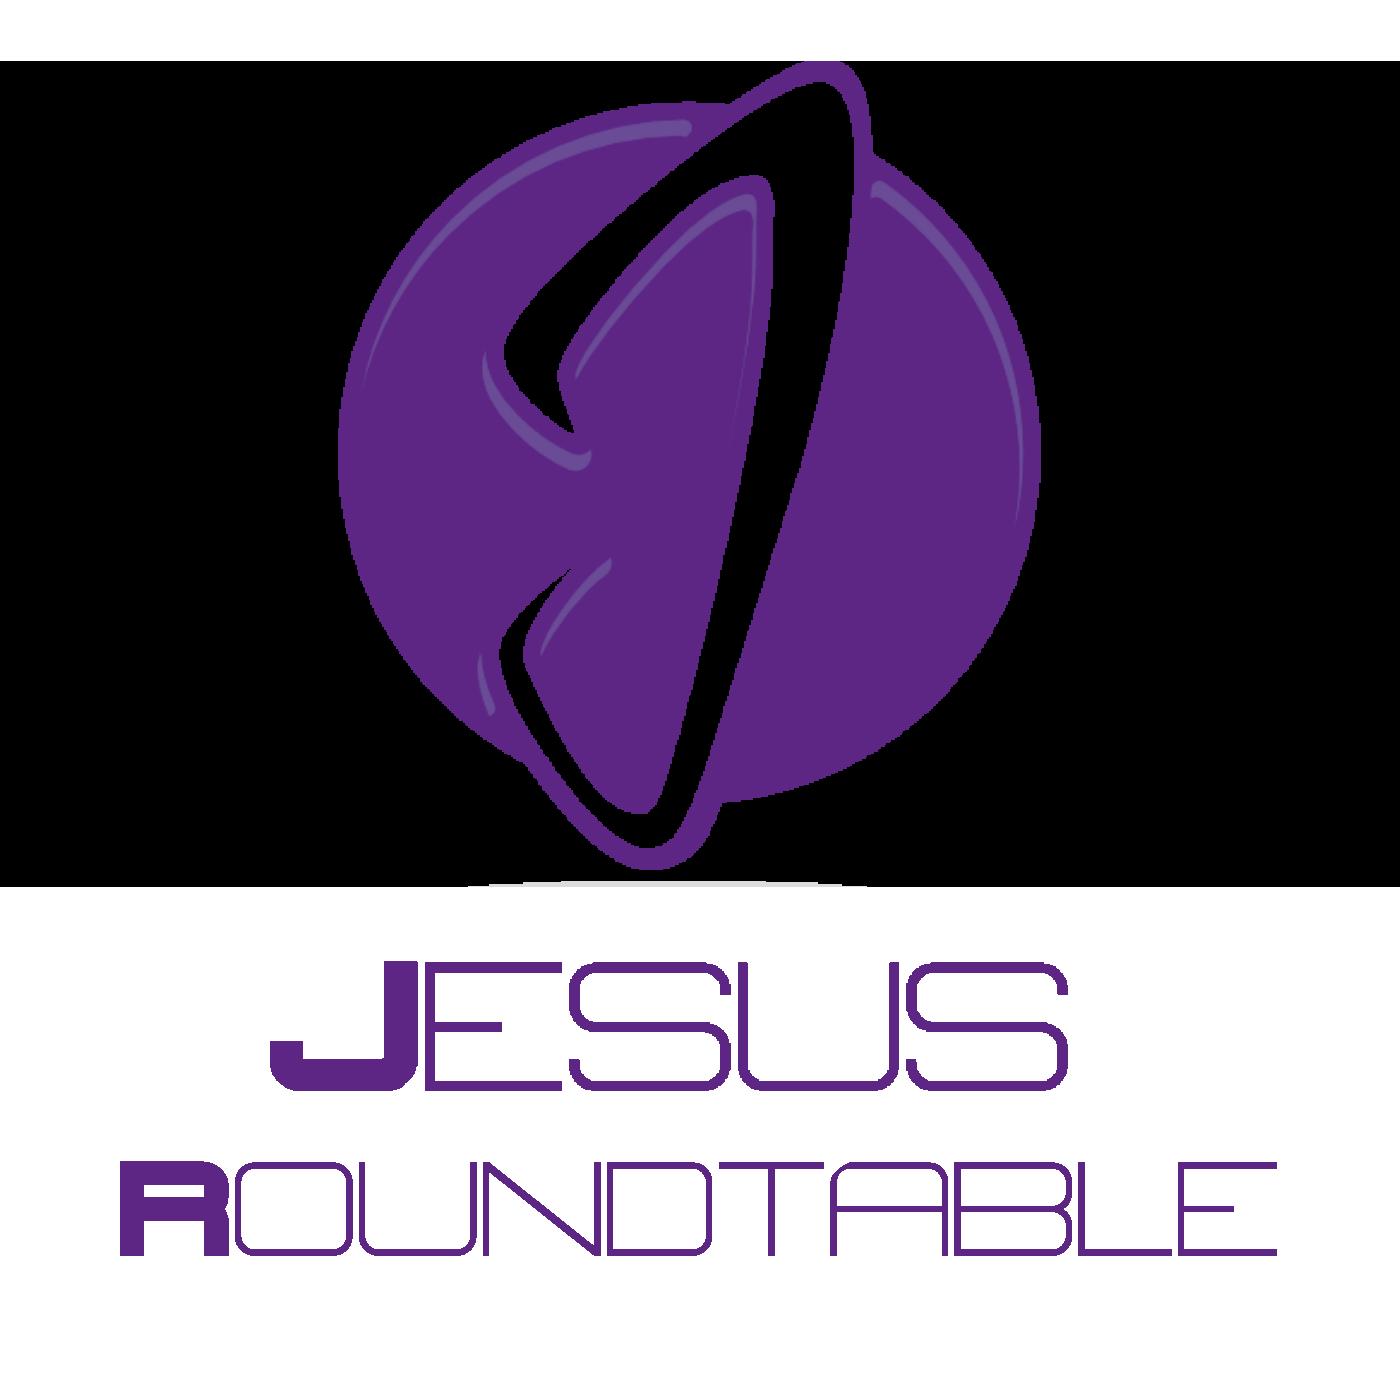 Jesus Roundtable